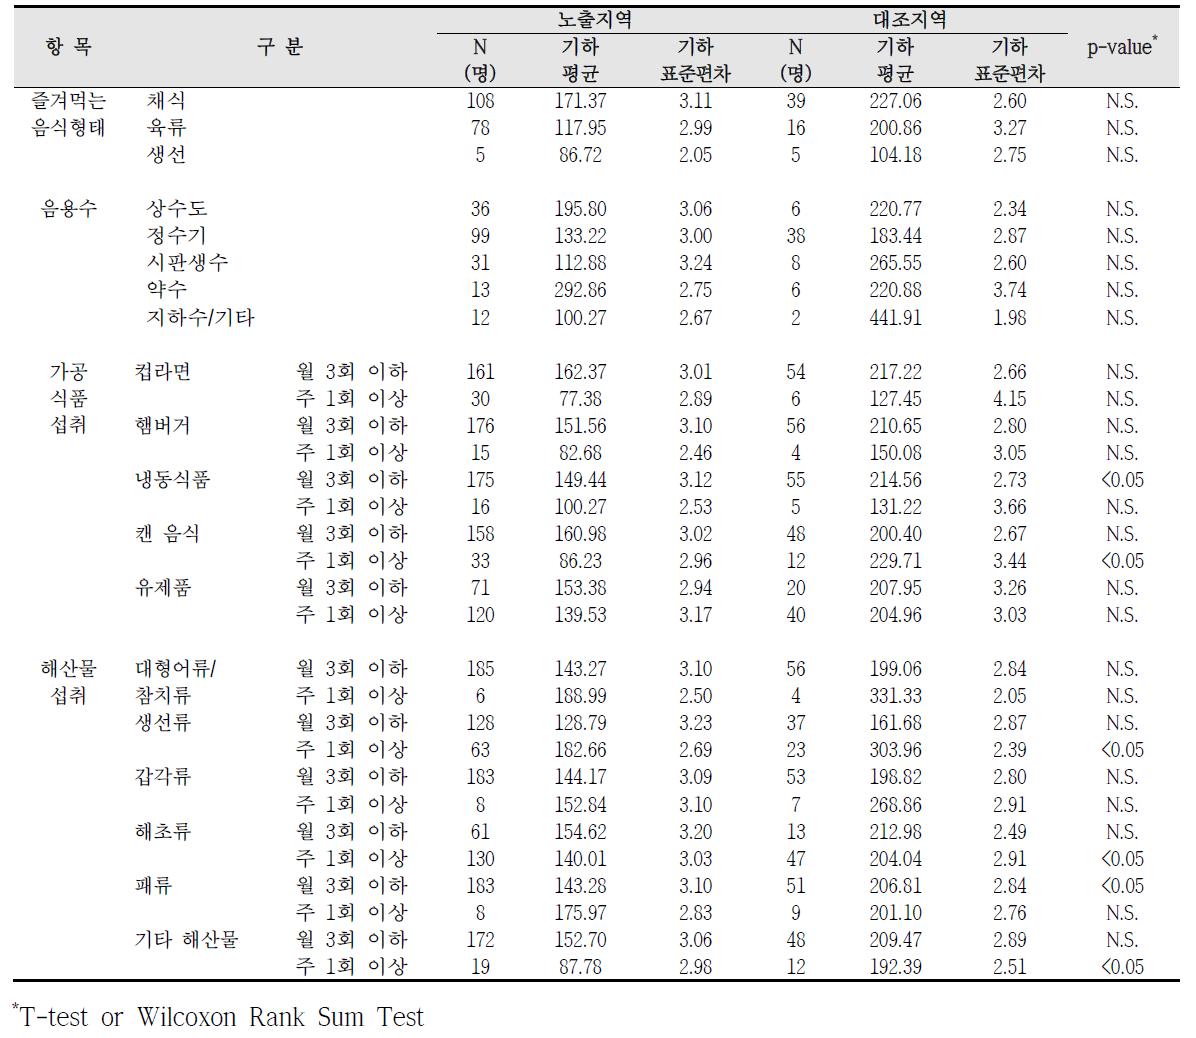 청주산업단지 식생활 습관에 따른 요중 HA 농도 비교